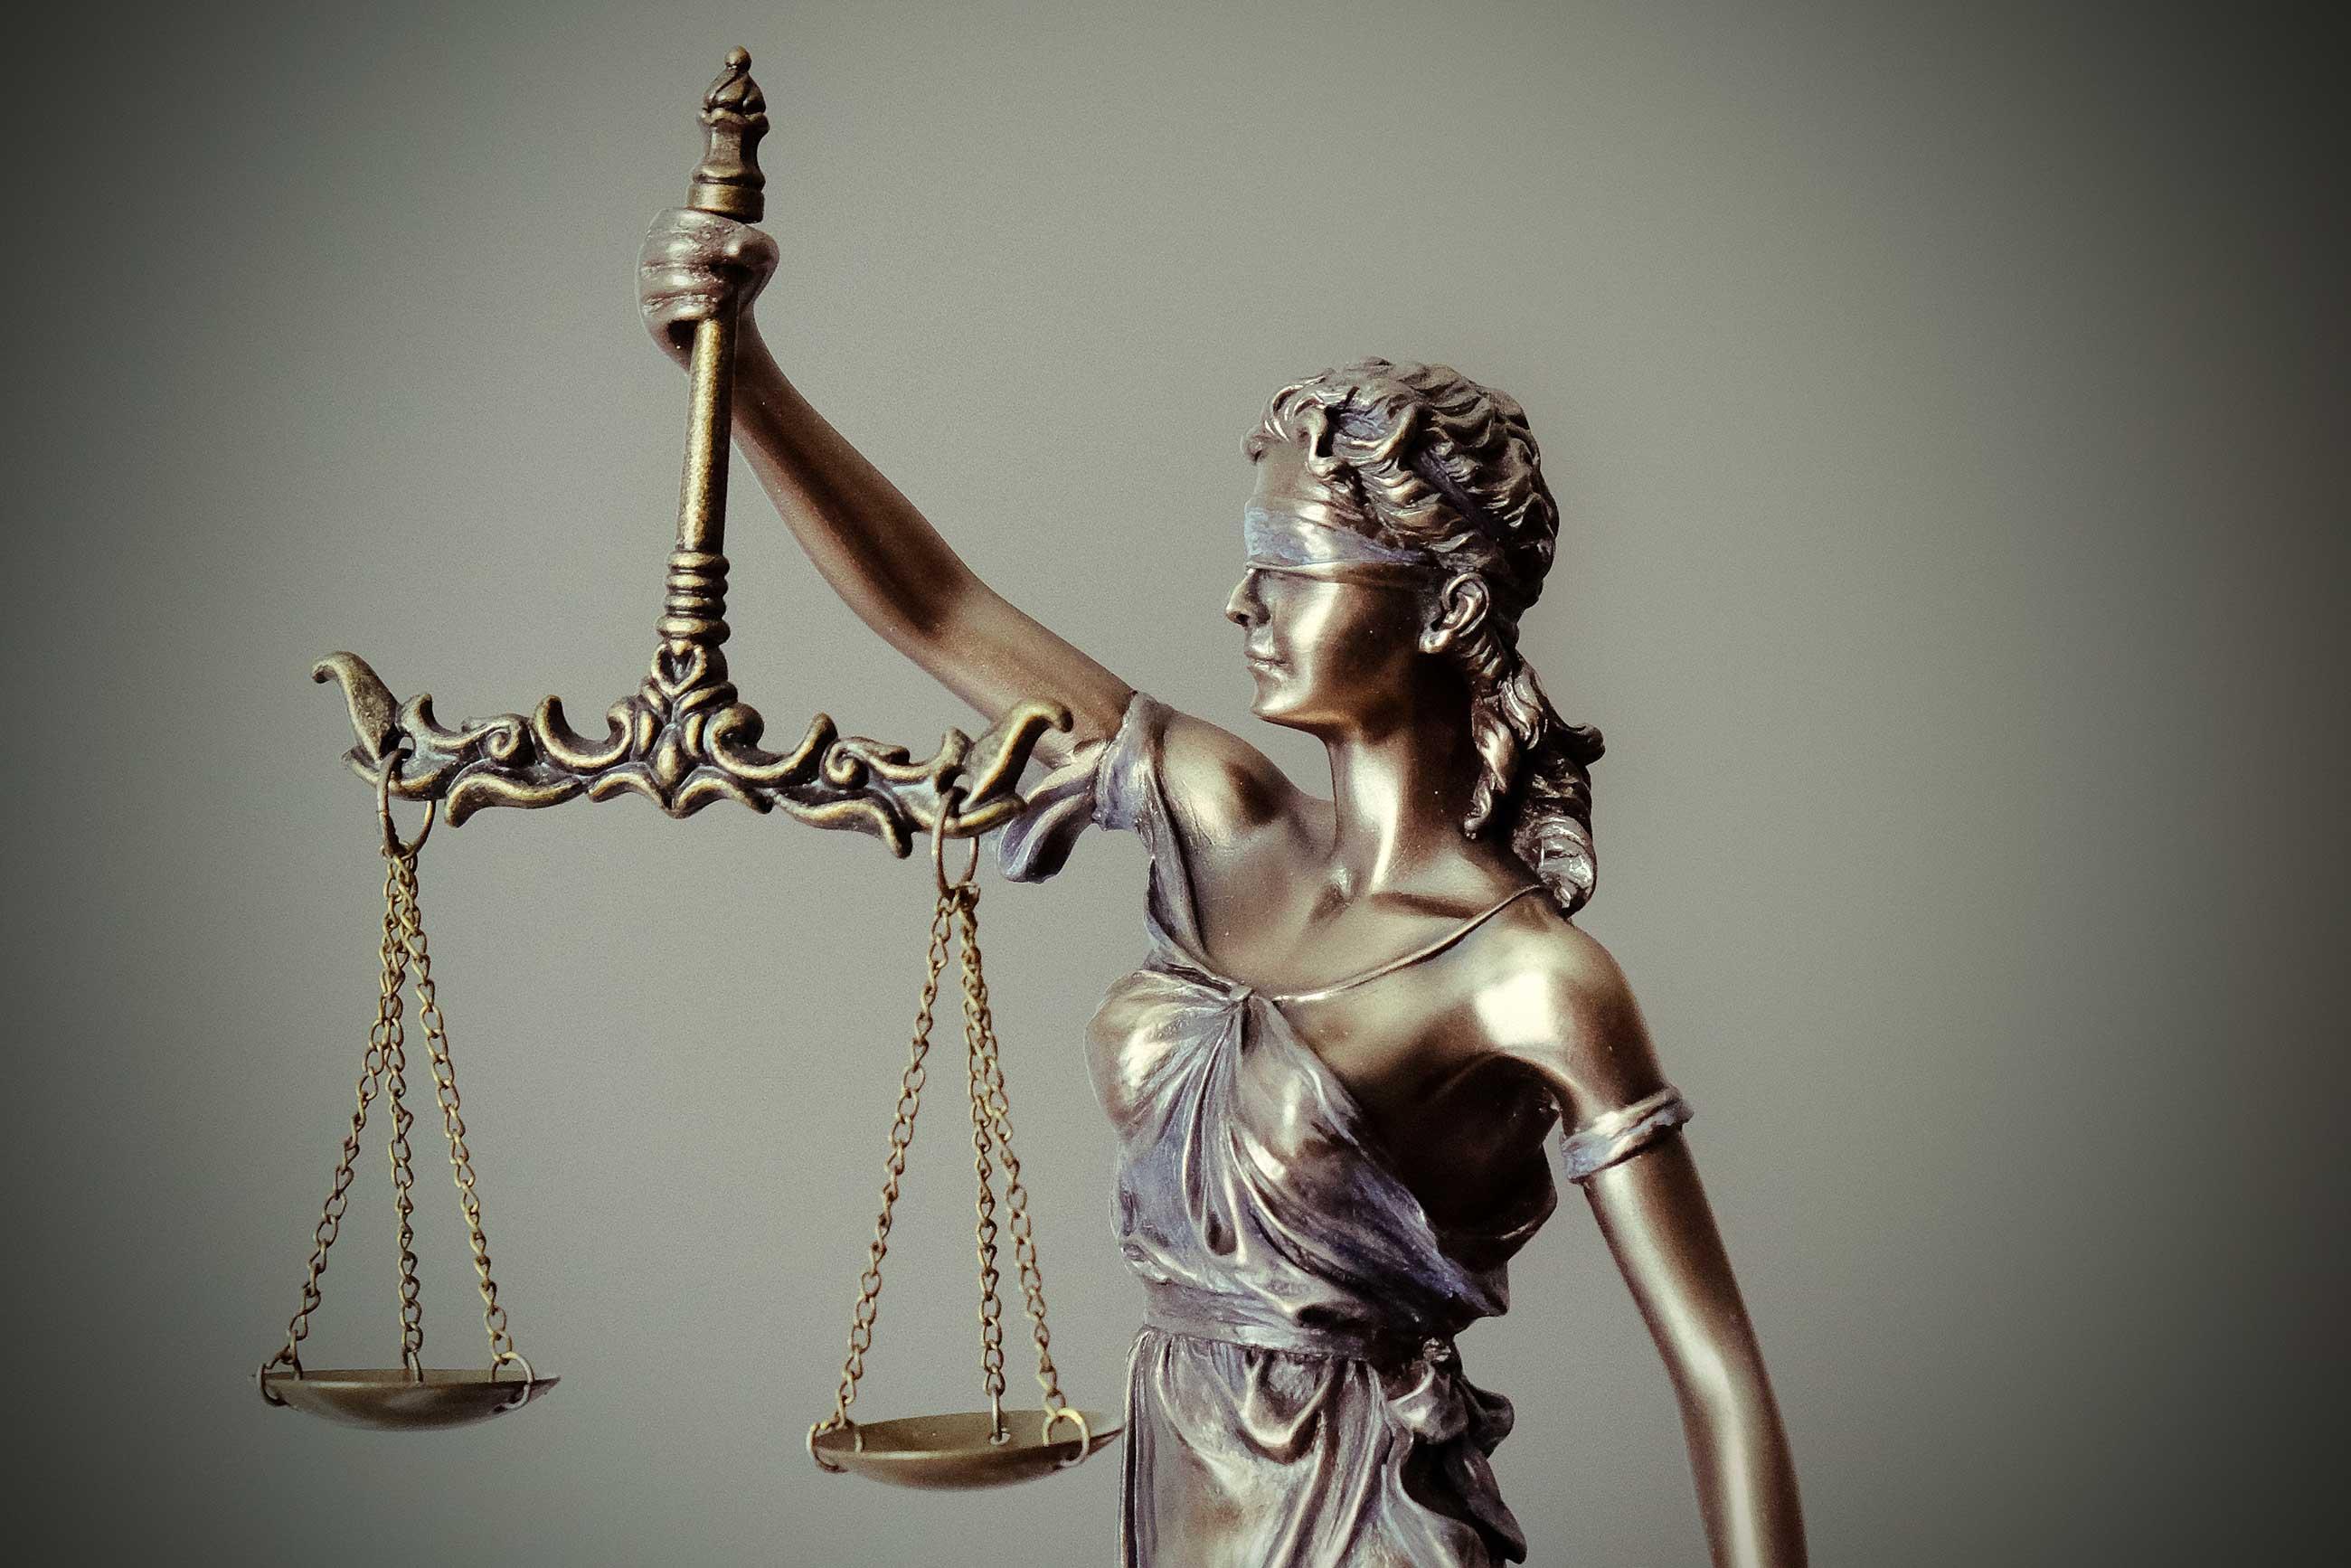 tingey injury law firm unsplash - <b>Коли суддя не знає, за що садять людину.</b> Як працює експертиза політичних мотивів і чому в нас її майже не проводять - Заборона